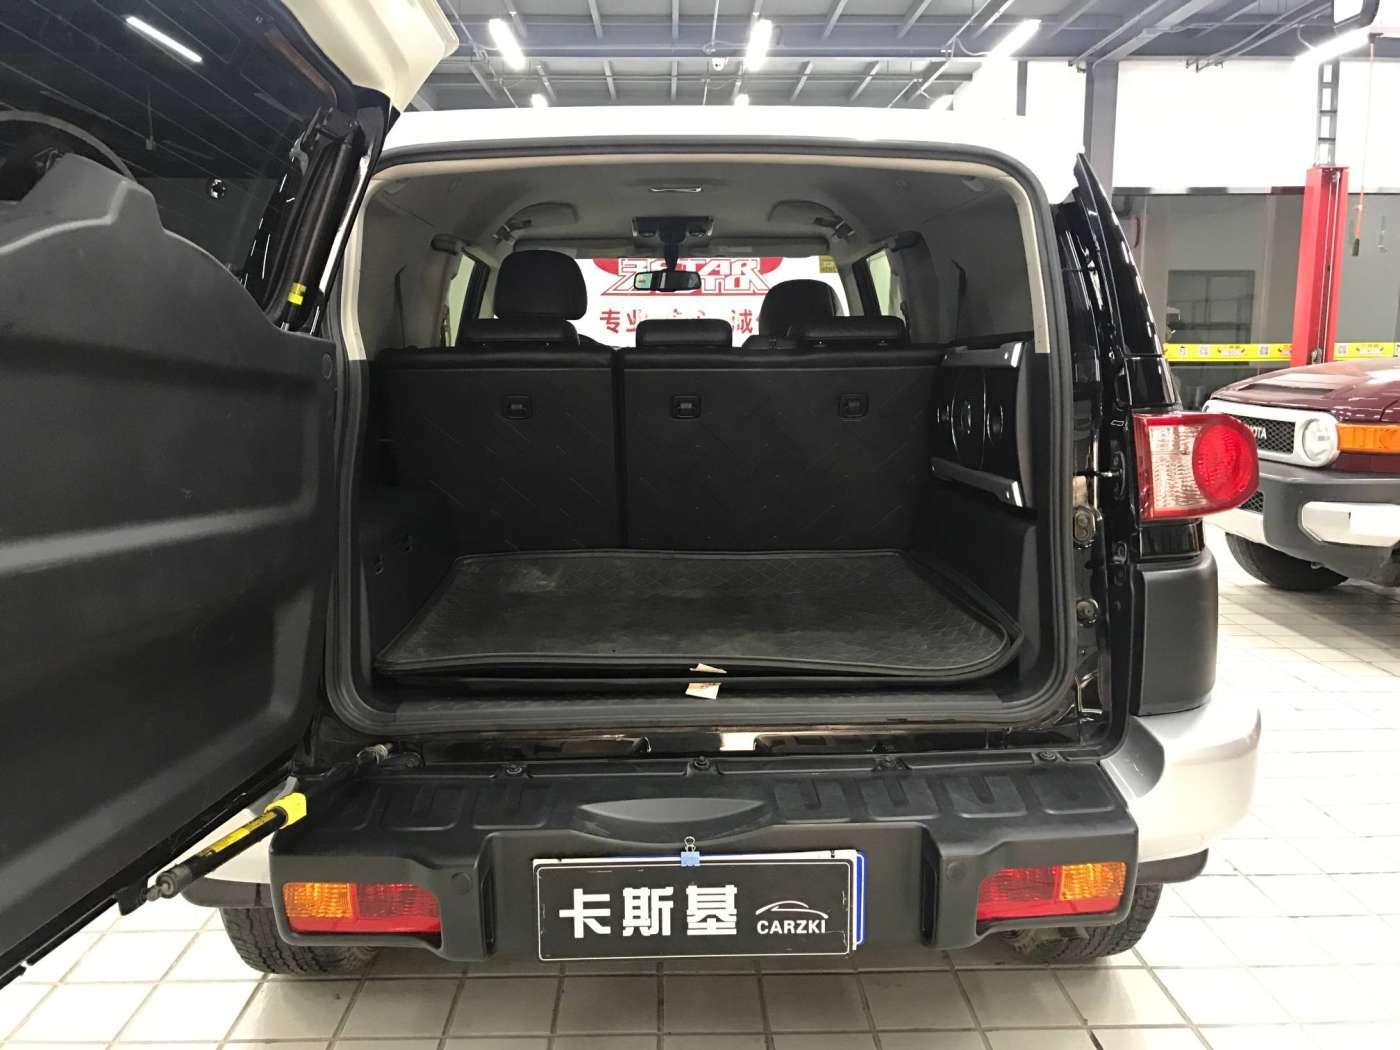 2014年03月 丰田 FJ 酷路泽 2013款 4.0L|甄选丰田-北京卡斯基汽车服务有限公司